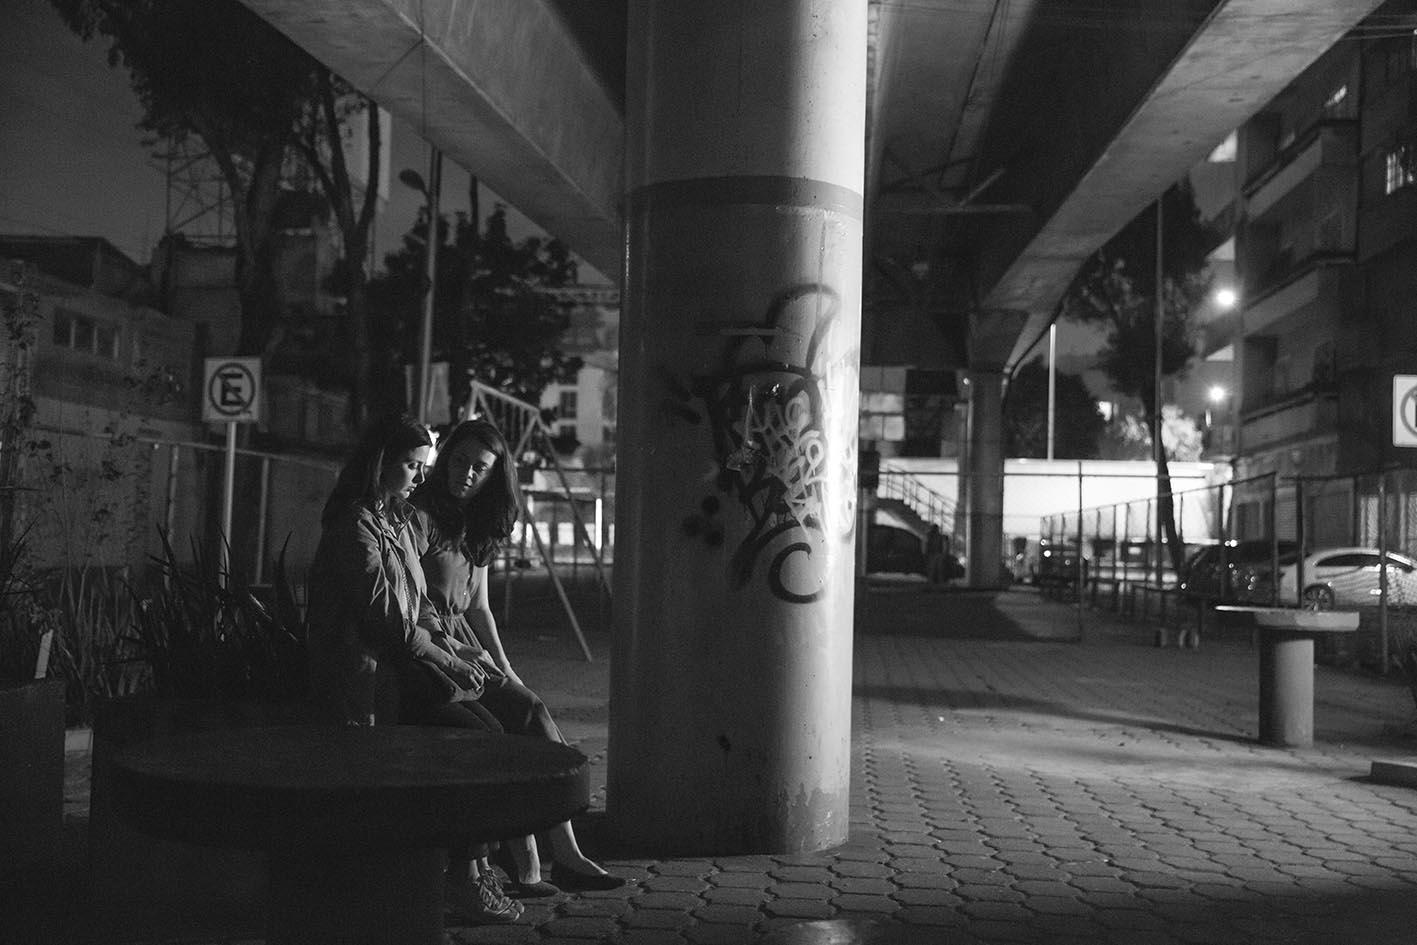 Viñetas de las colonias Centro, Portales, Sinatel y barrios de la Ciudad de México donde el director y el fotógrafo han vivido.